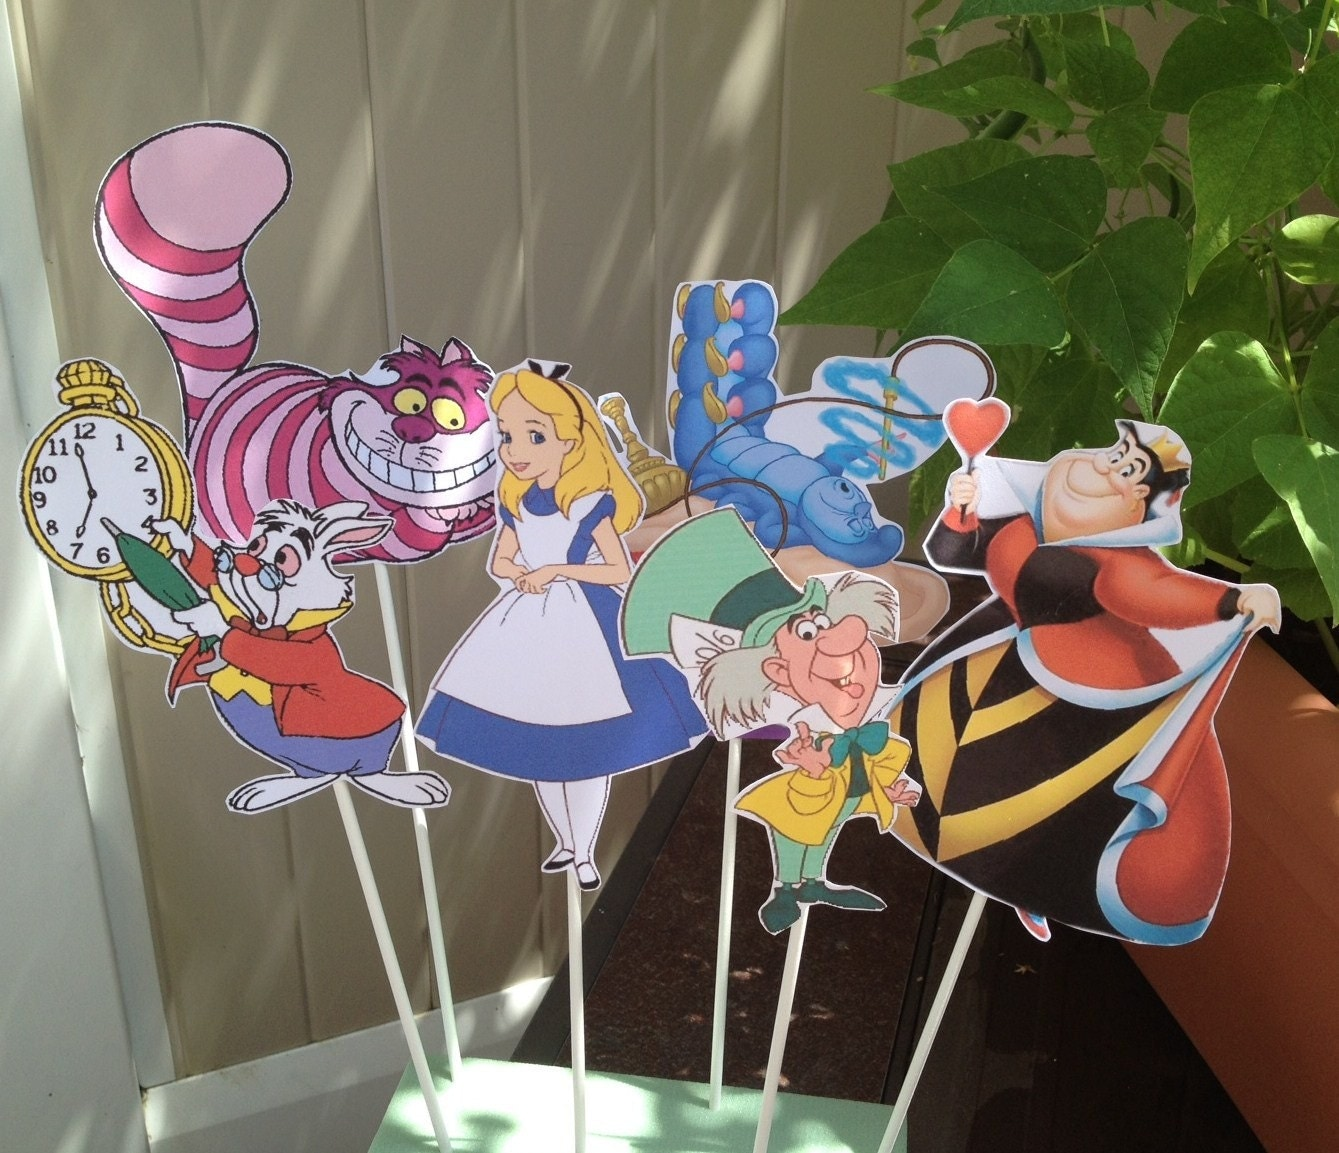 Alice In Wonderland Decoration 1 Alice In Wonderland Diy Centerpiece Birthday Party Decor